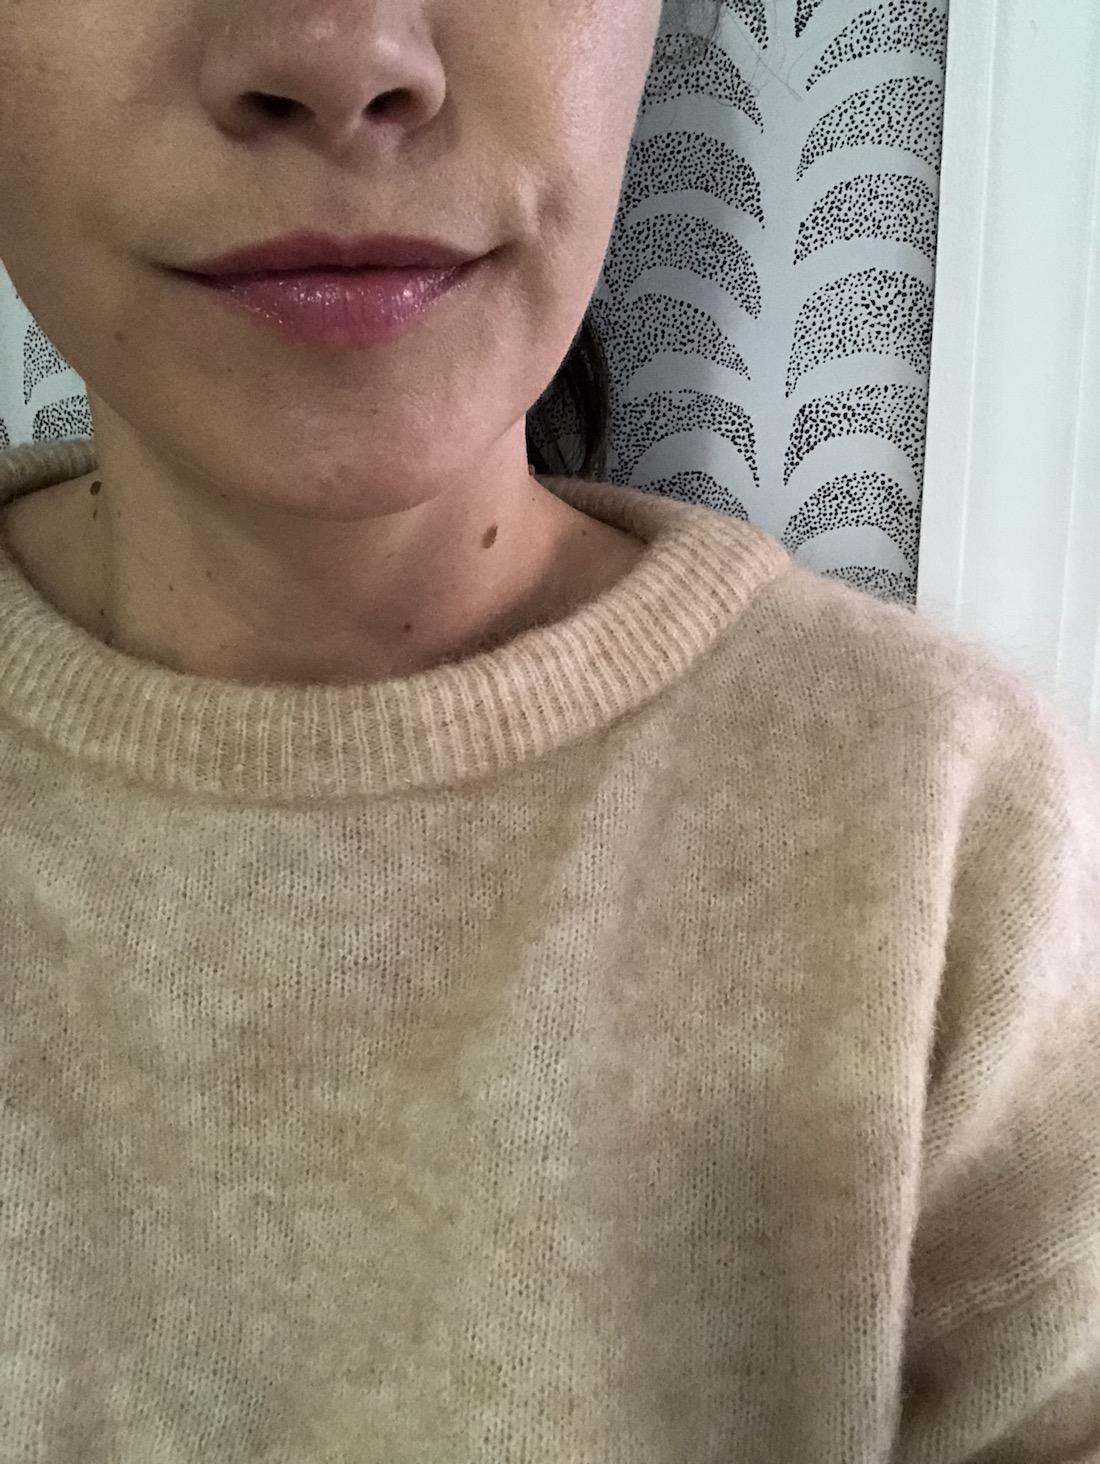 Dior Lip Glow - Raspberry Glow - Review | The Stripe